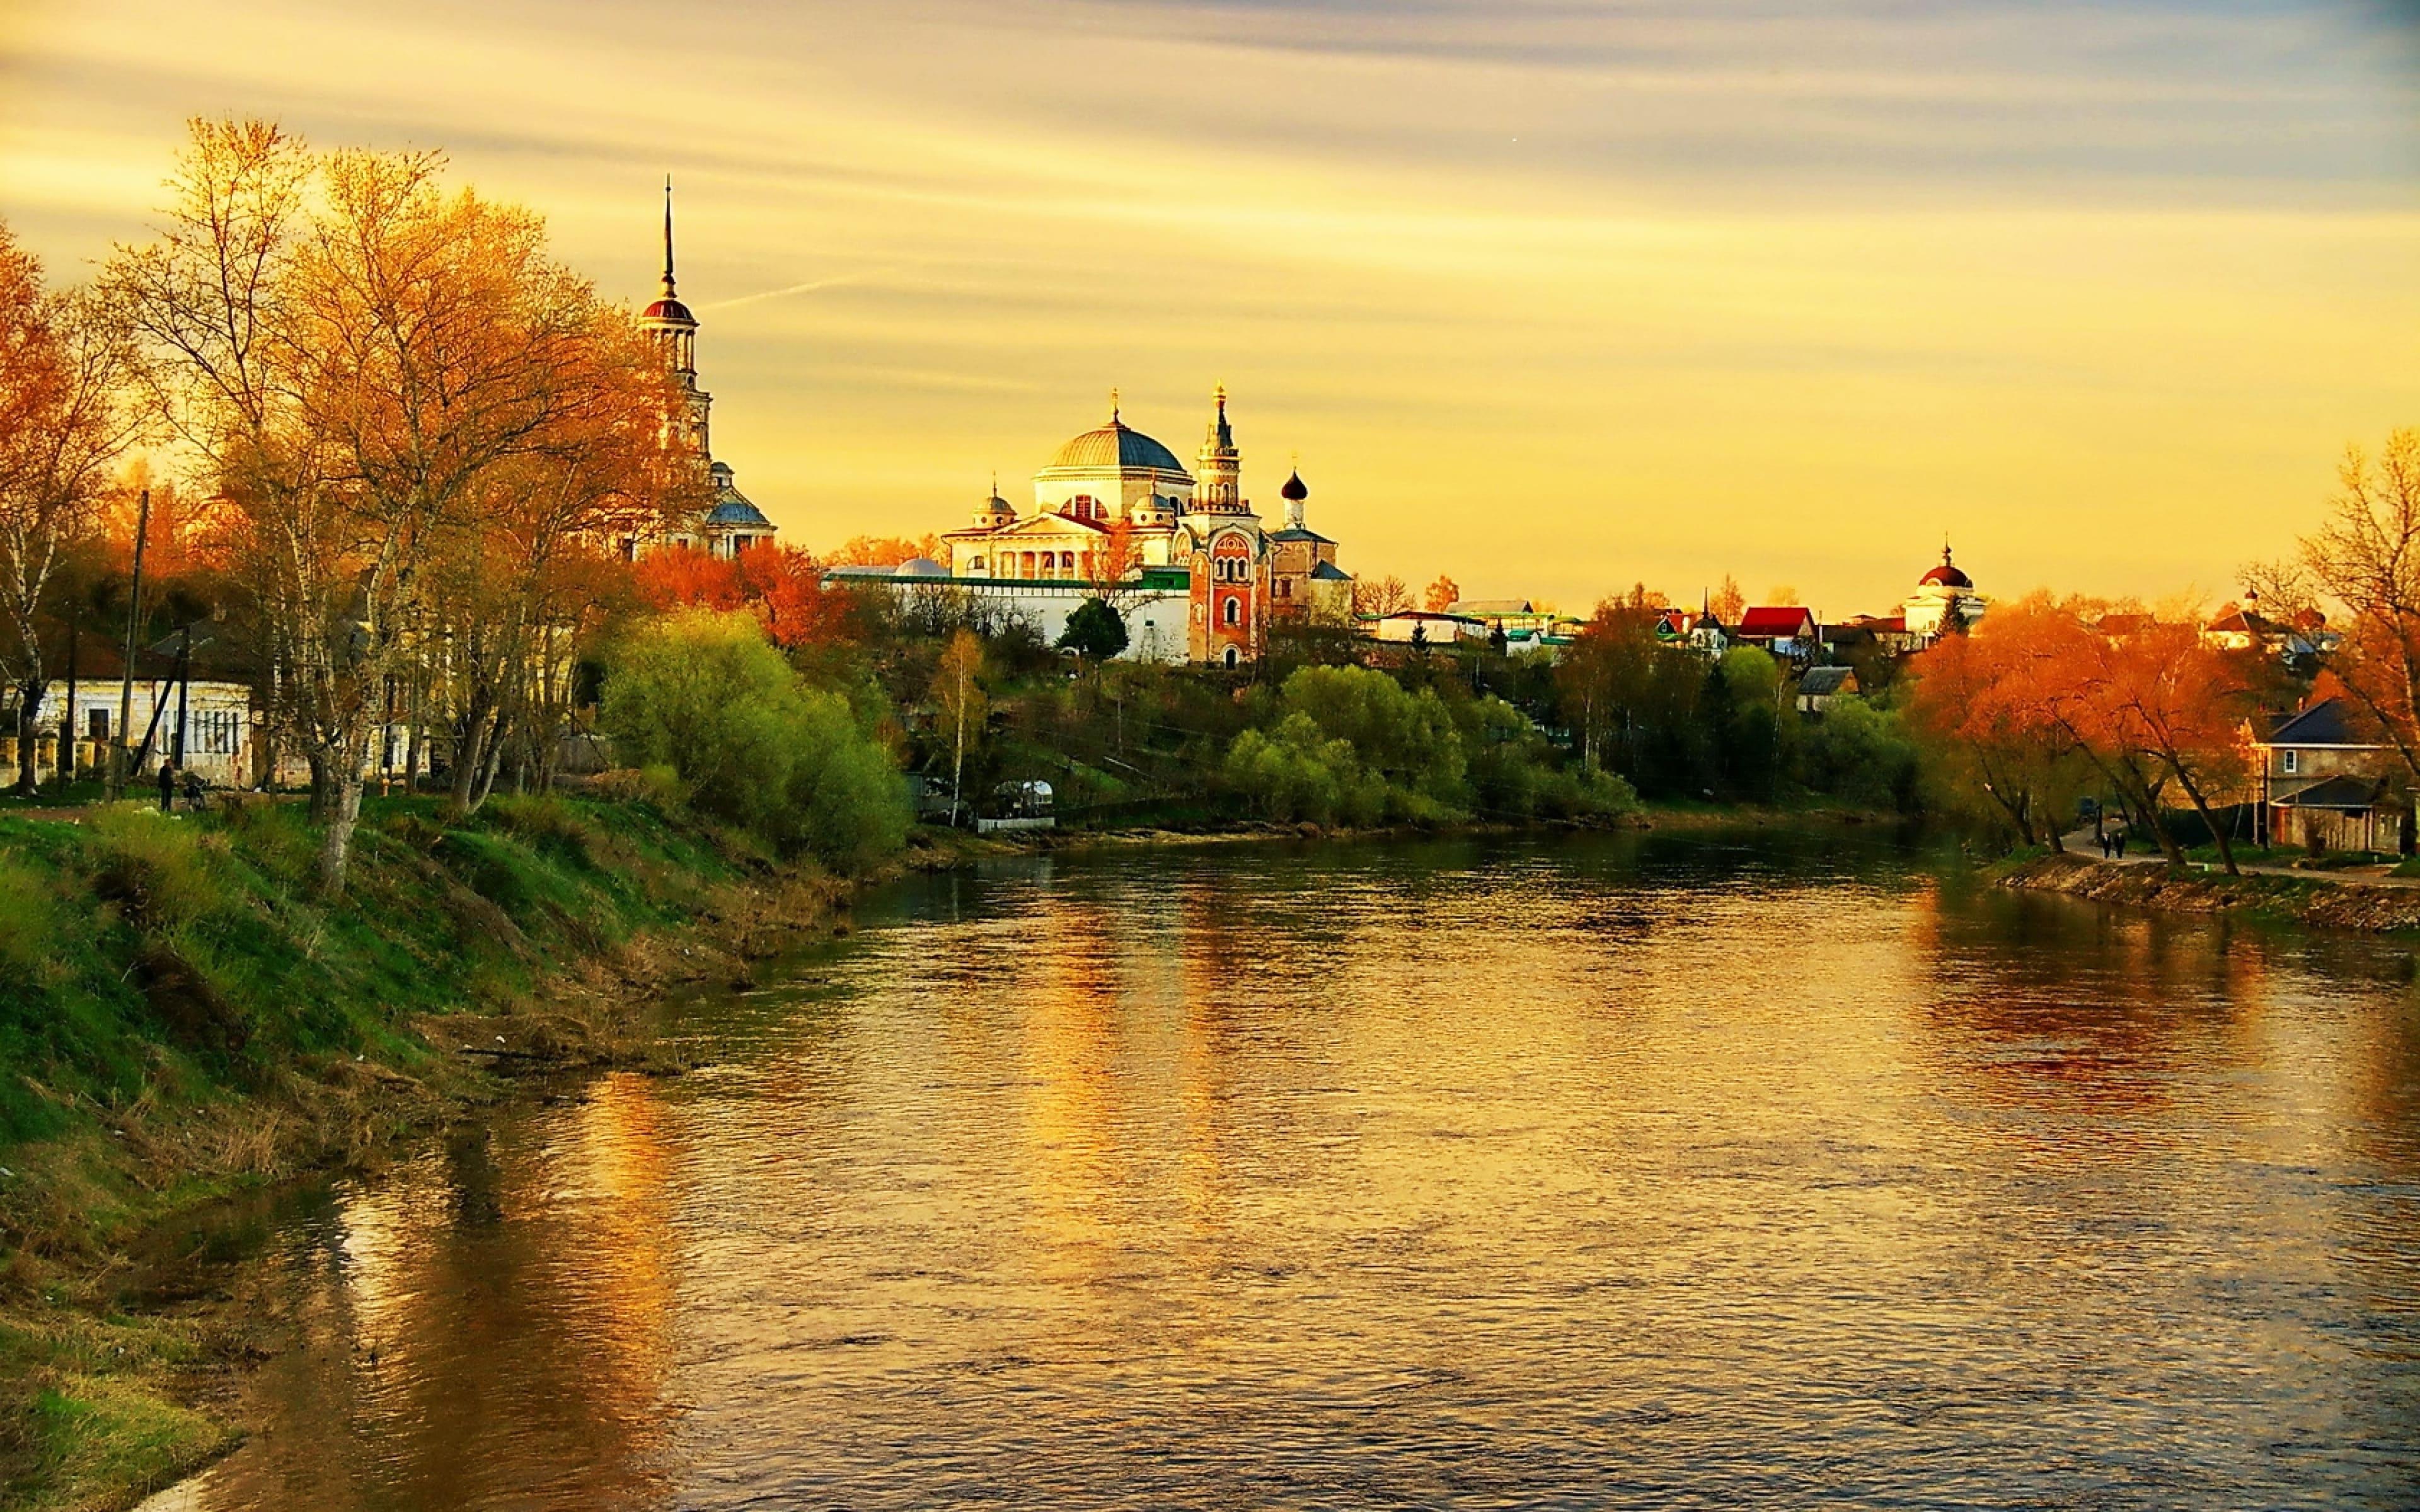 HDoboi.Kiev.ua - Россия город Торжок, тверская область, 4k ultra hd